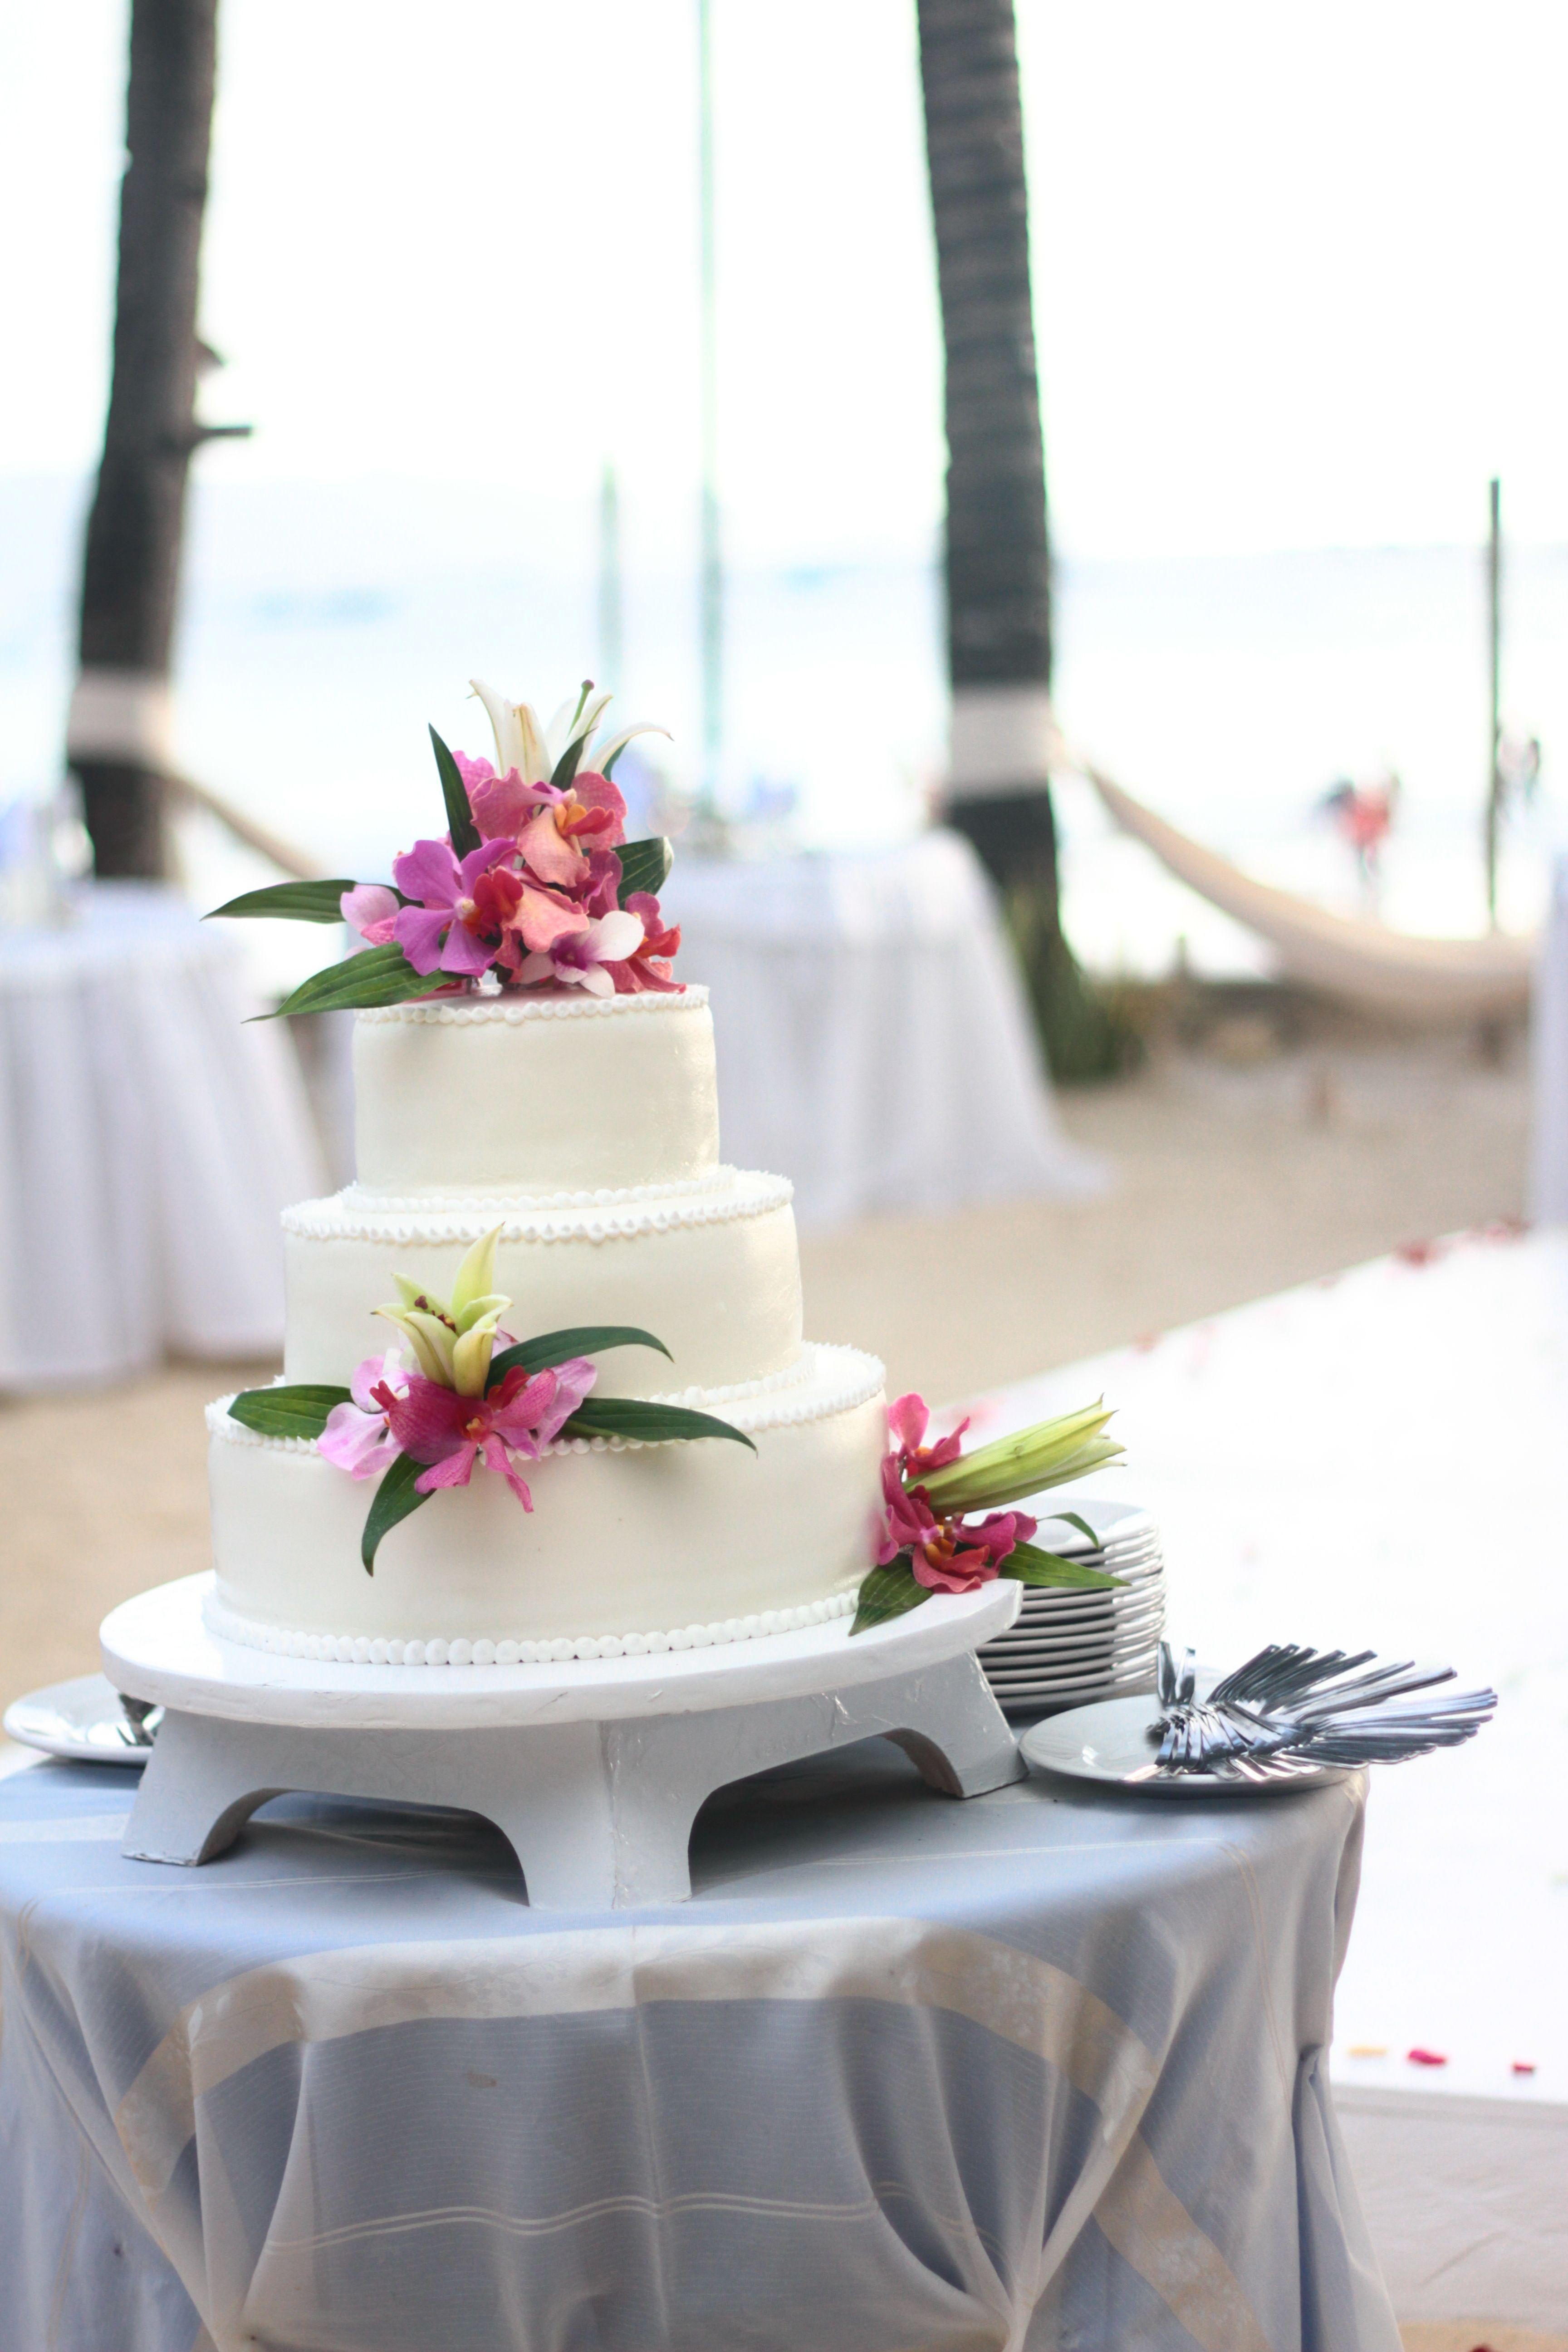 Lemonicafe & Restaurant Boracay | Wedding Wedding Cake in Boracay ...